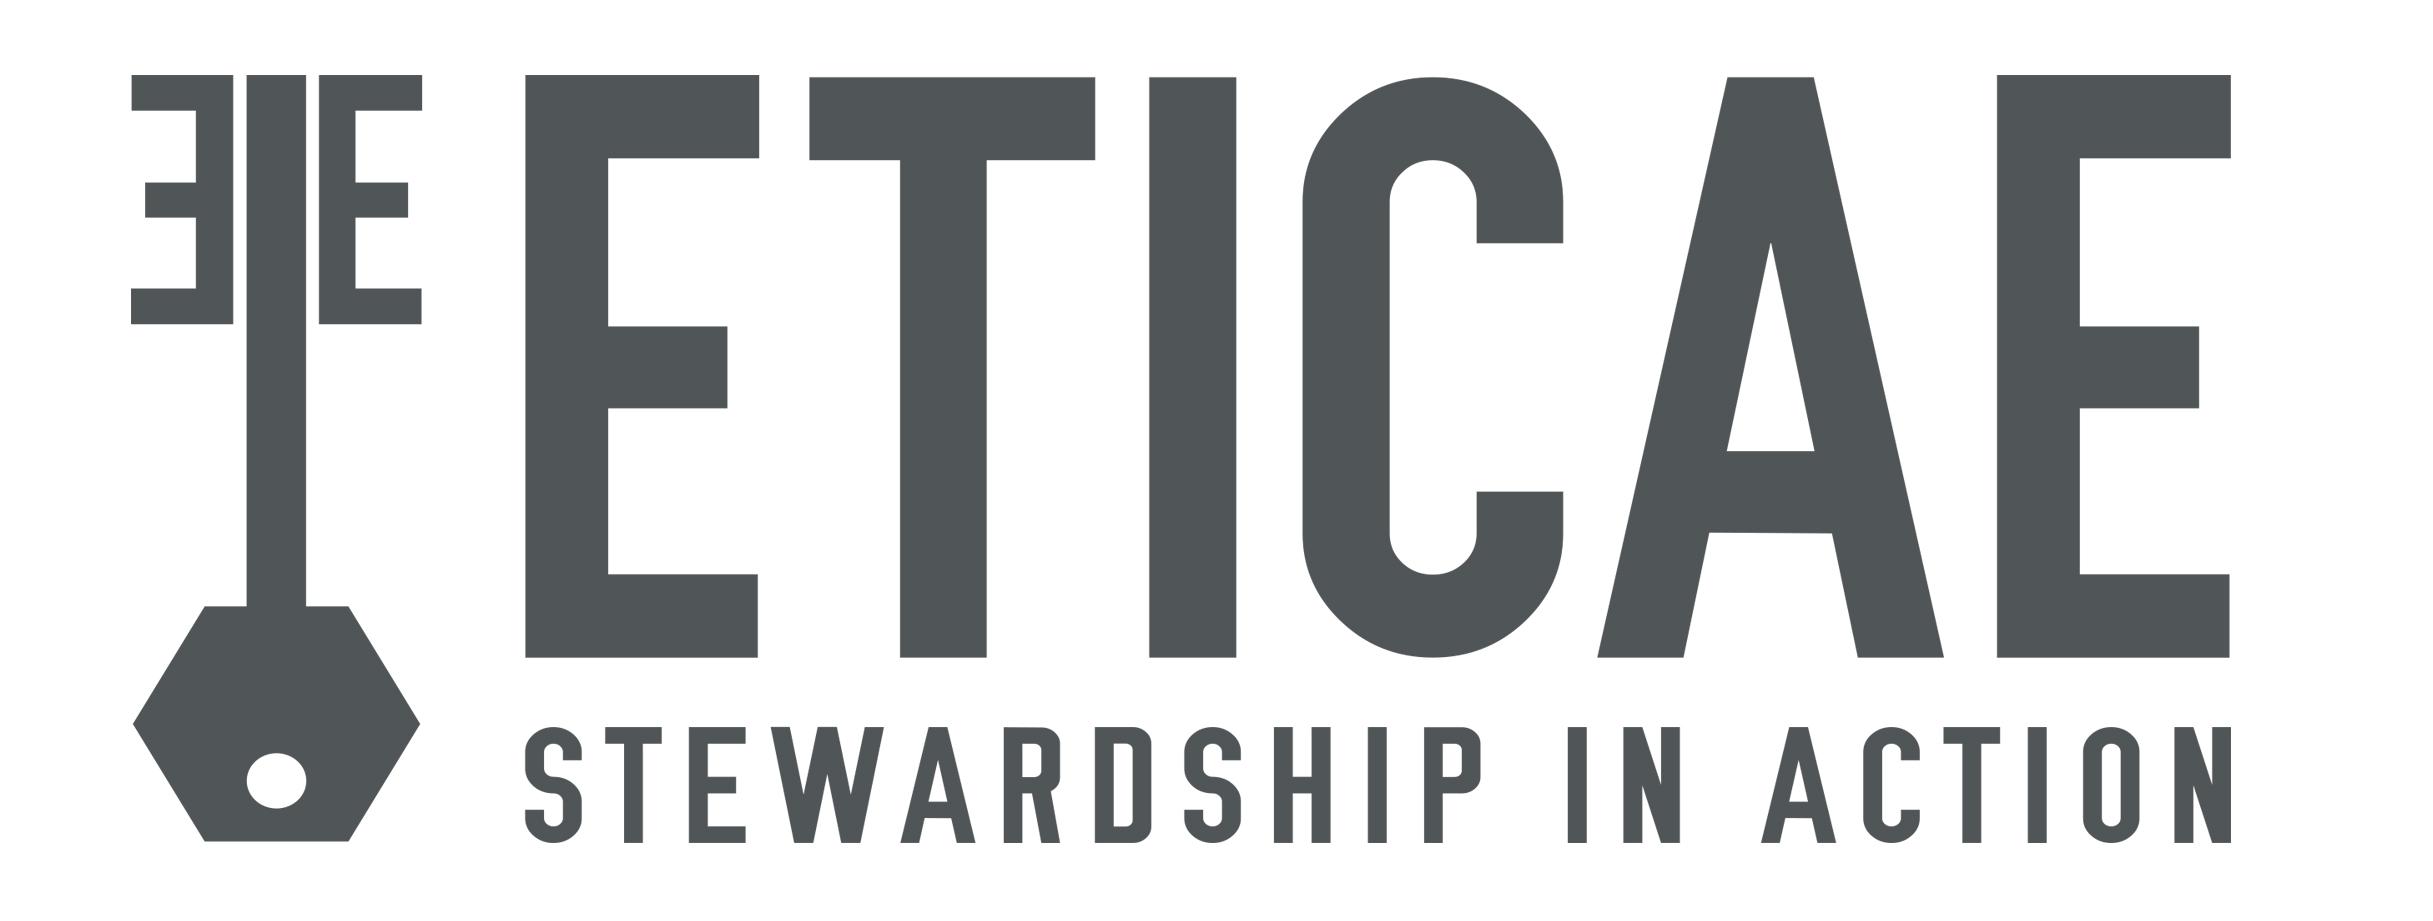 ETICAE STEWARDSHIP IN ACTION